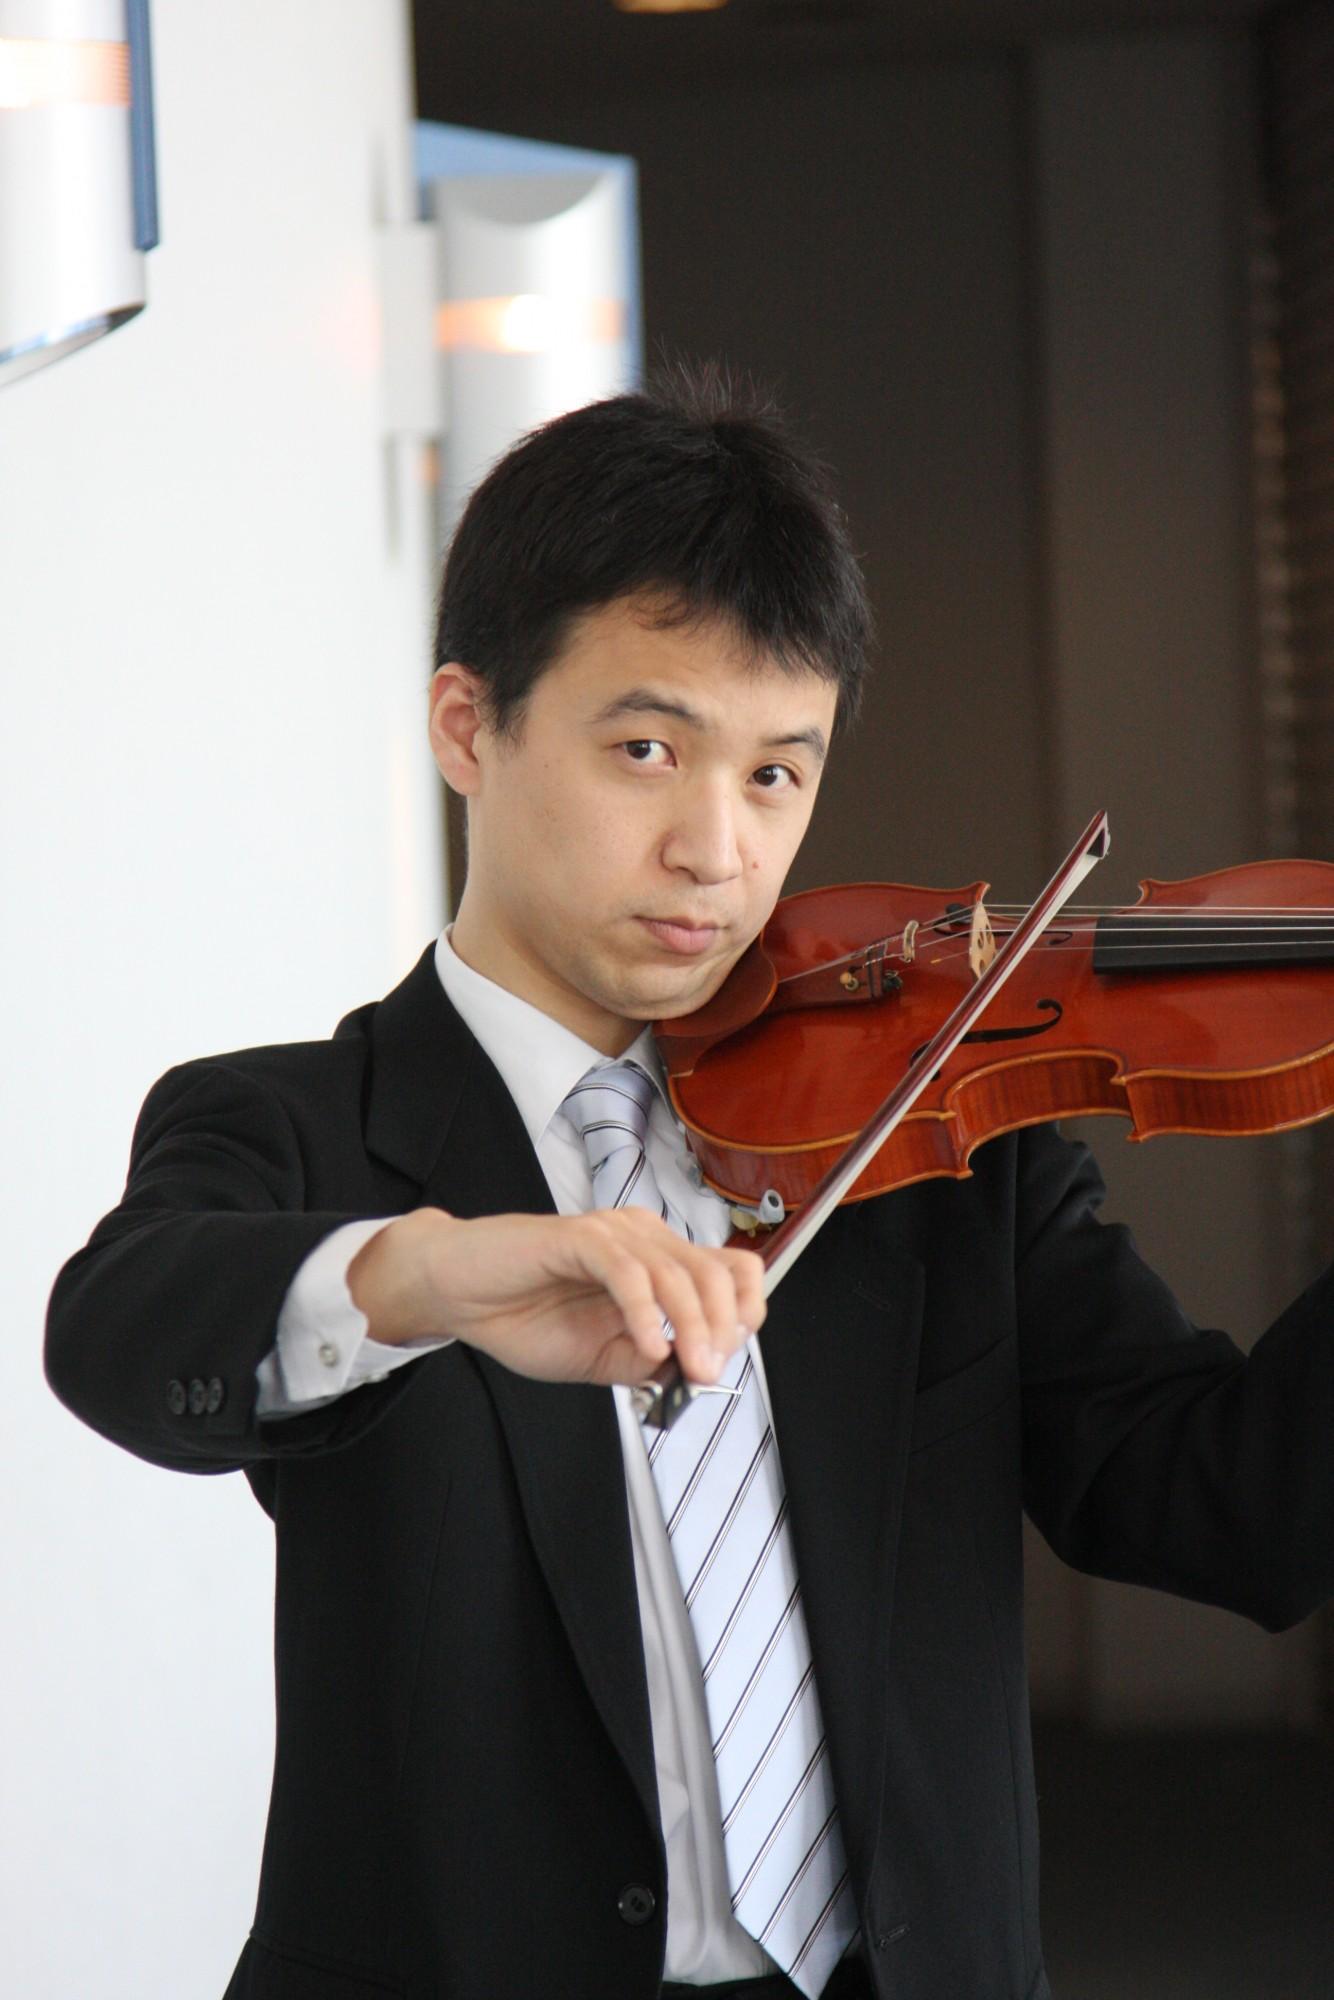 心を癒すバイオリンとピアノのコンサート